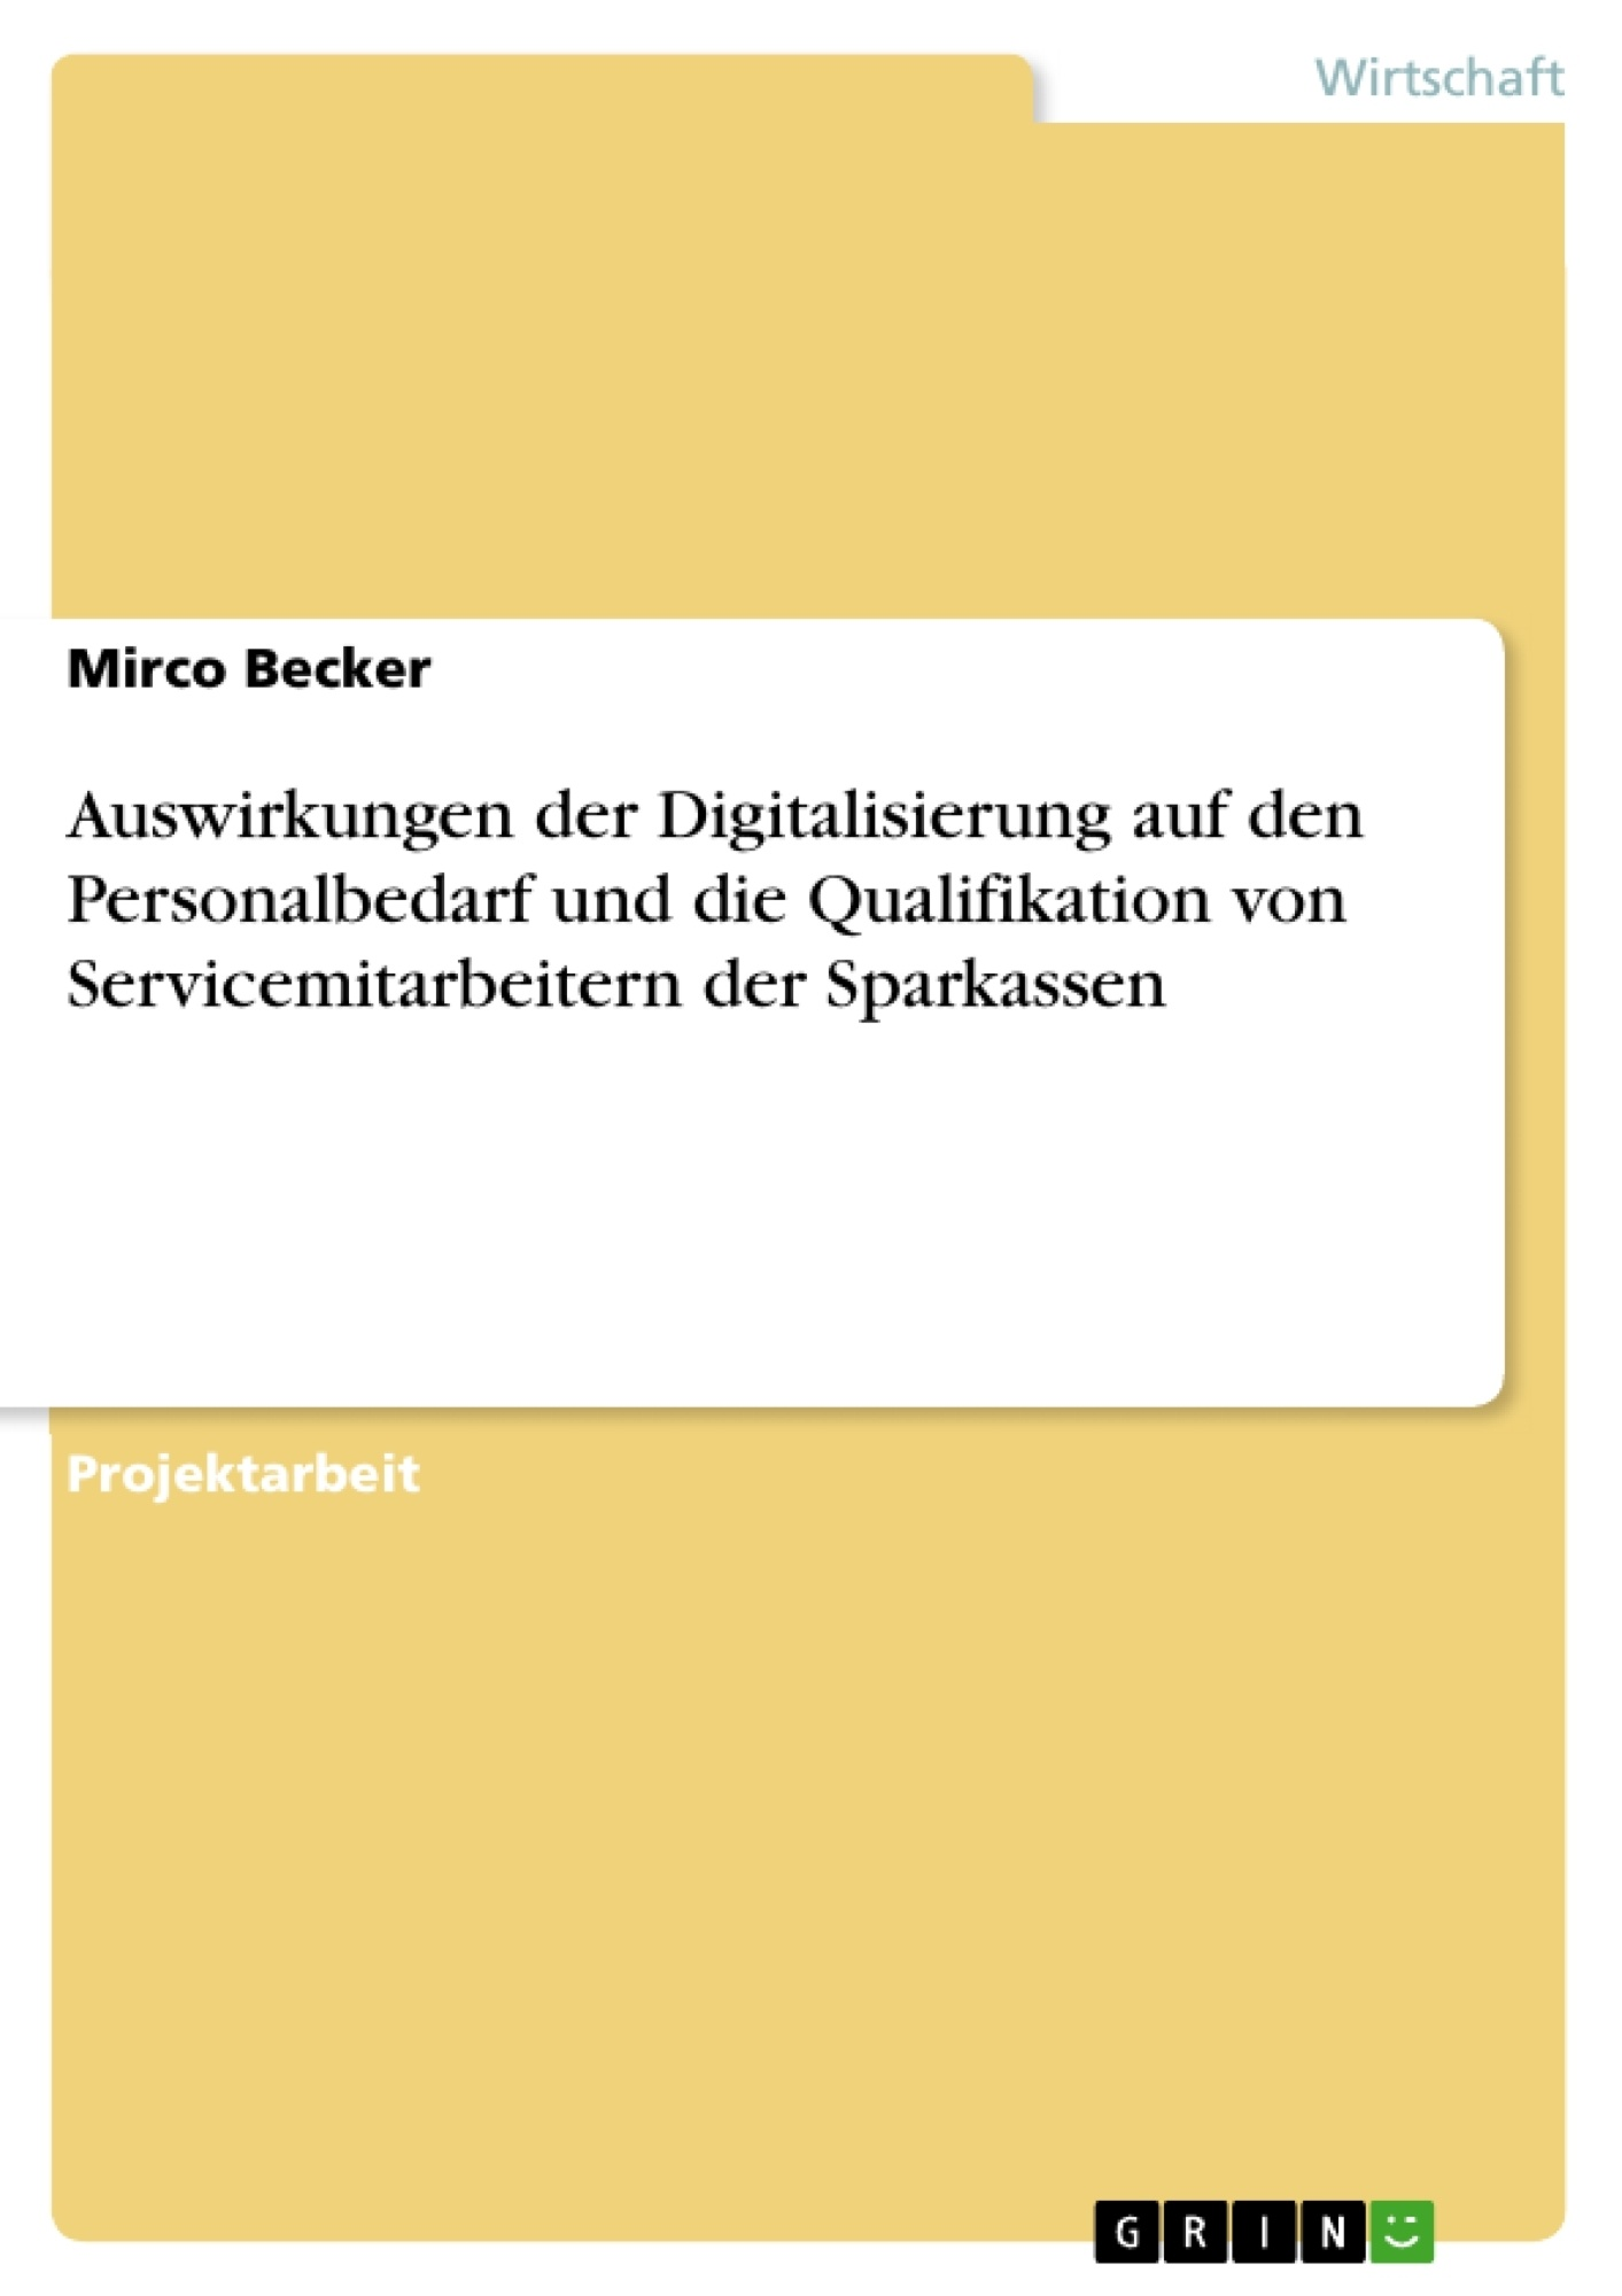 Titel: Auswirkungen der Digitalisierung auf den Personalbedarf und die Qualifikation von Servicemitarbeitern der Sparkassen